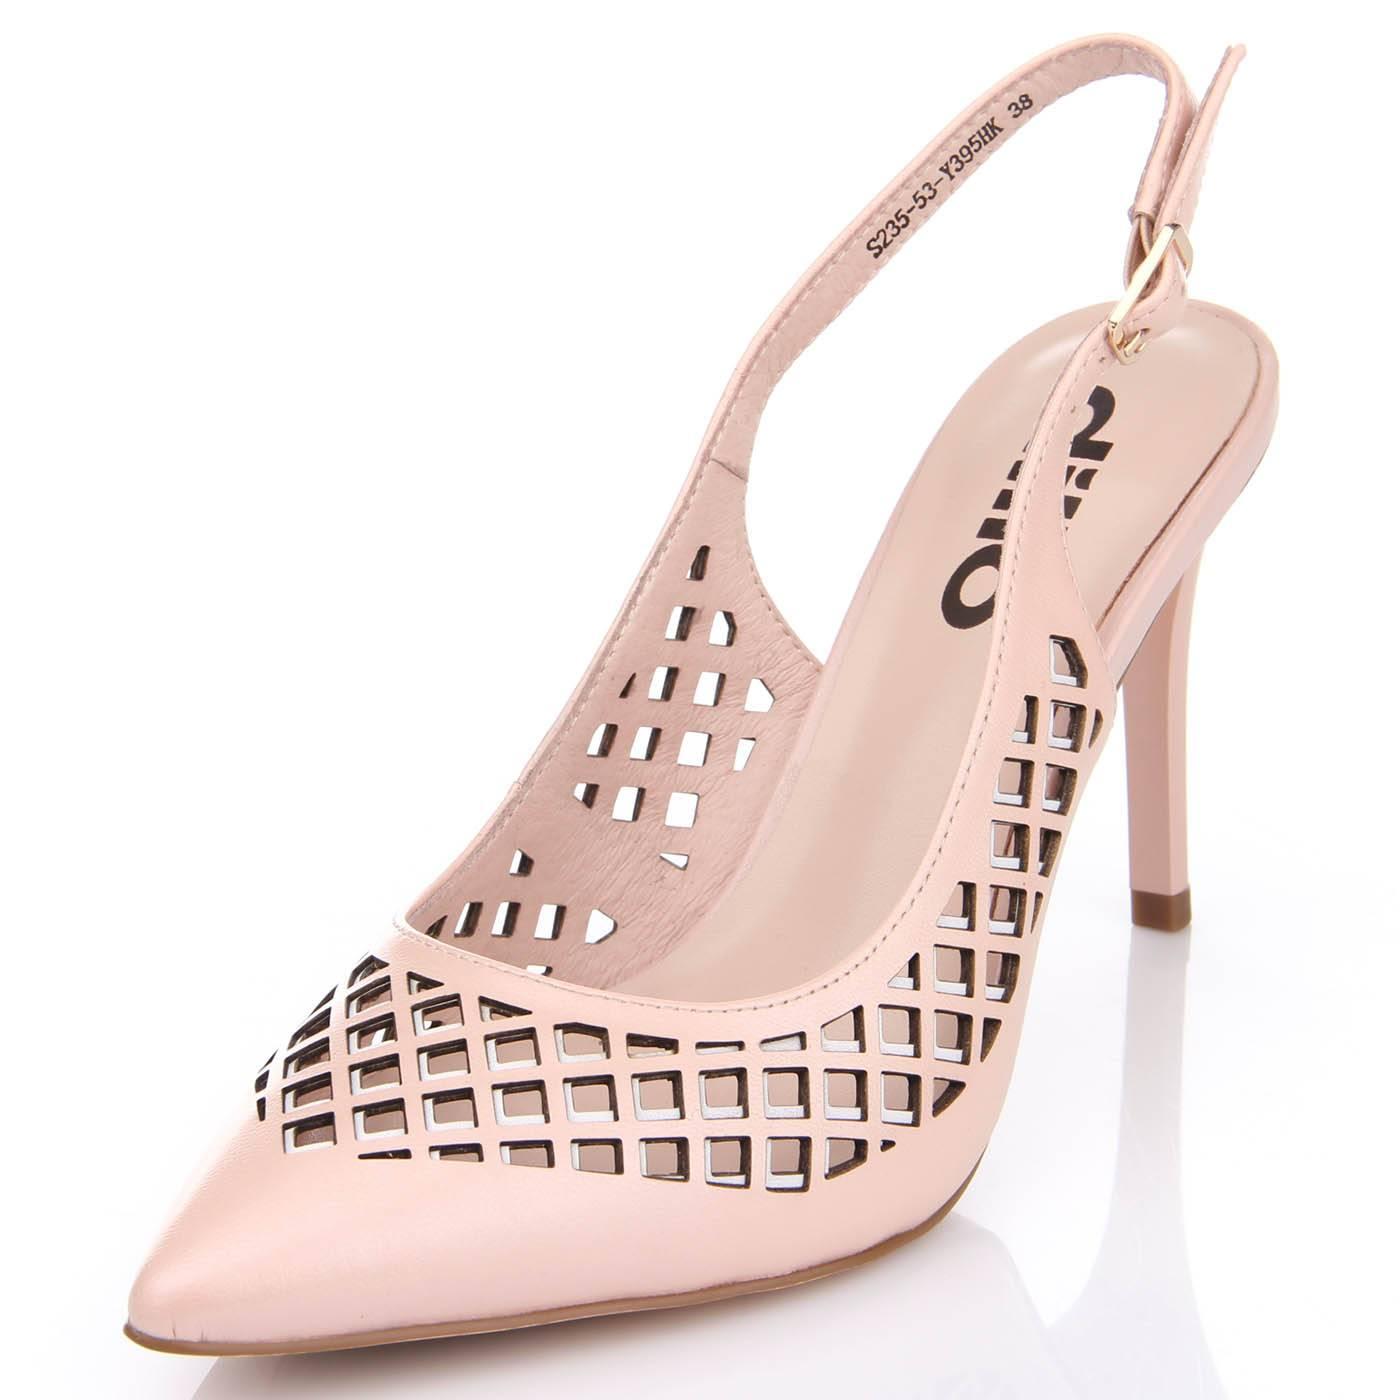 Туфлі жіночі ditto 6457 Рожевий купить по выгодной цене в интернет ... 8b4b667b71000